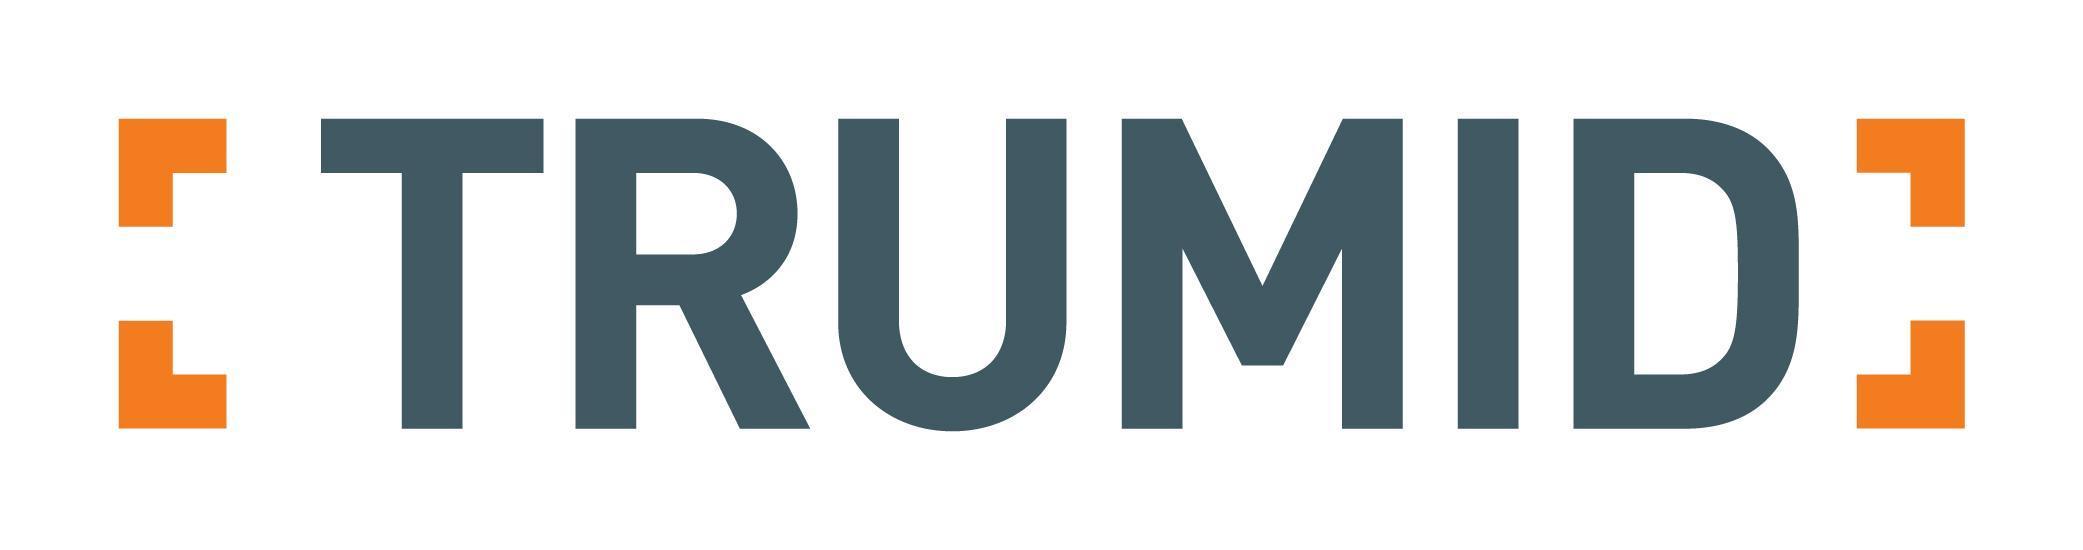 Trumid company logo